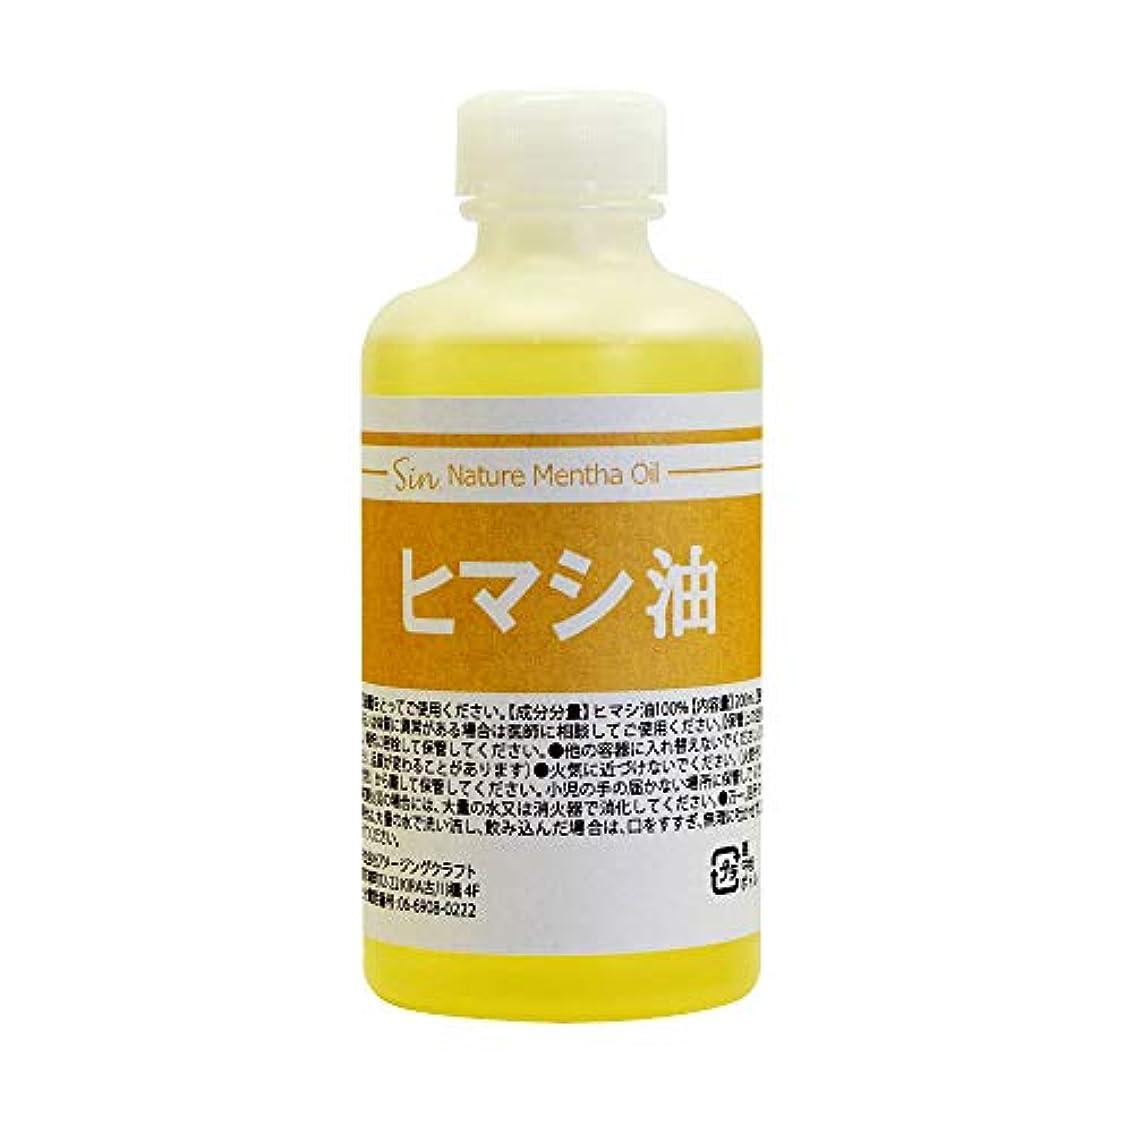 クランシー成人期どこにでも天然無添加 国内精製ひまし油 (キャスターオイル) 200ml